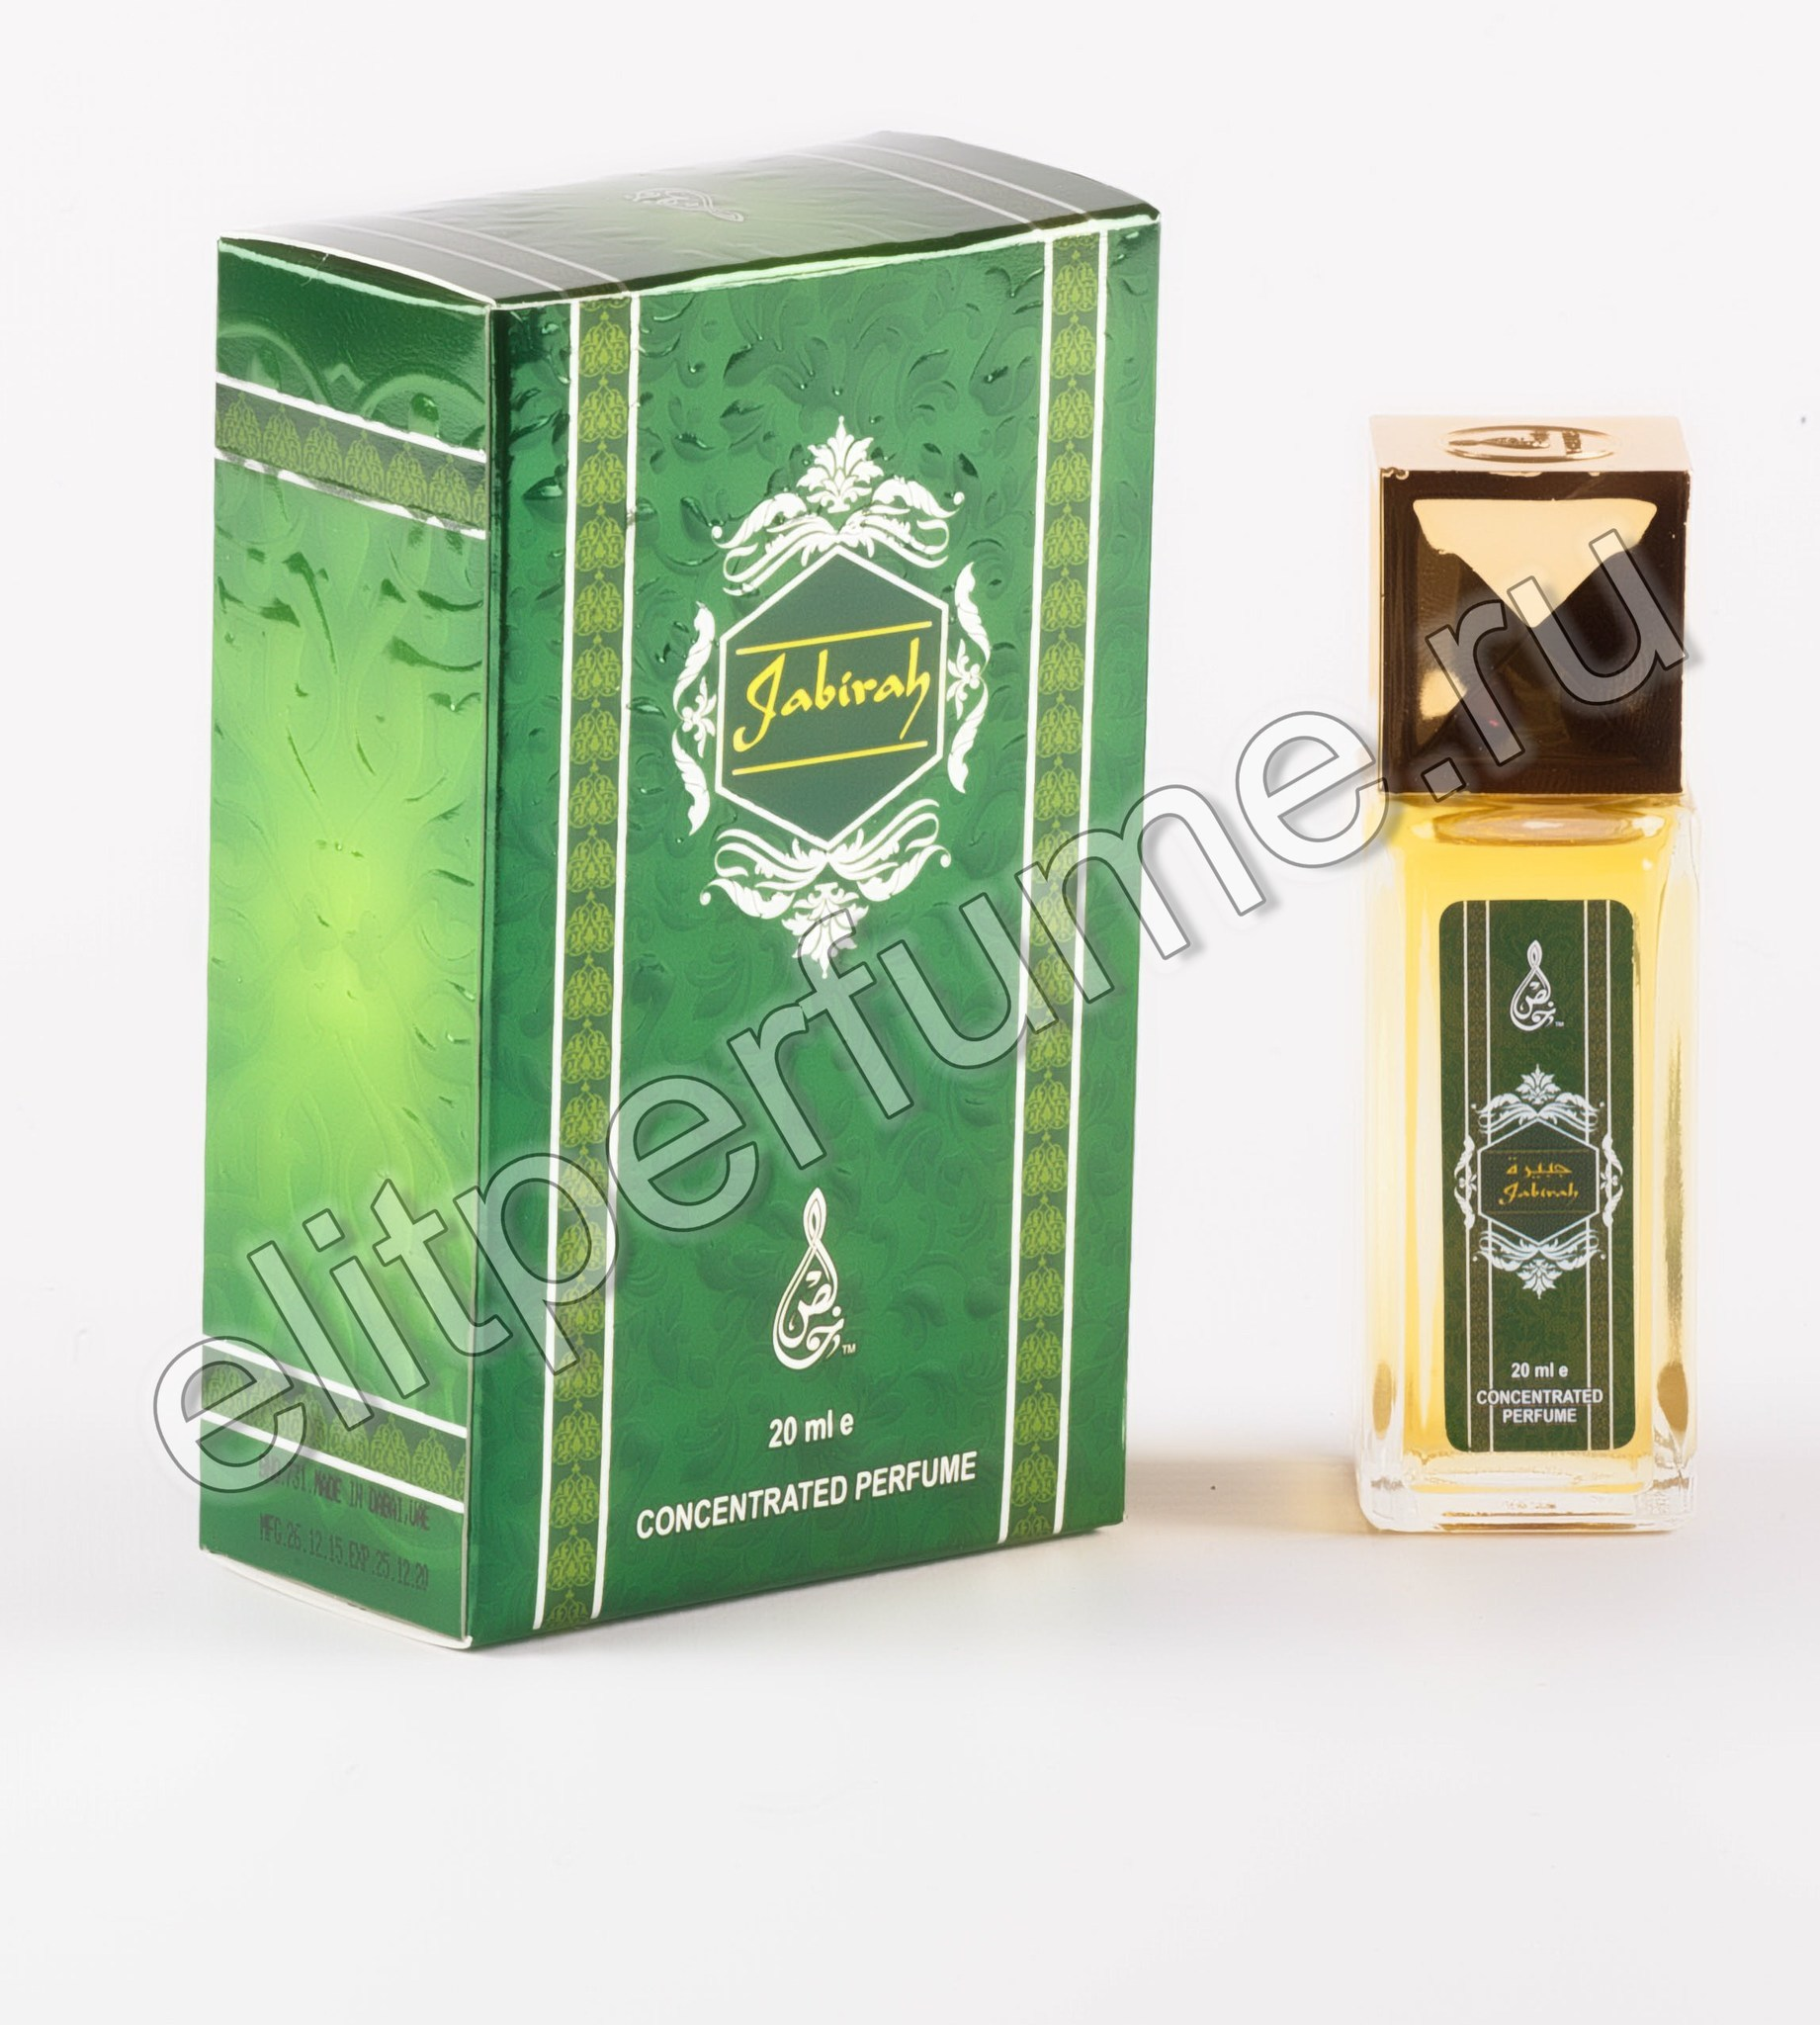 Пробник для Jabirah Джабирах 1 мл арабские масляные духи от Халис Khalis Perfumes